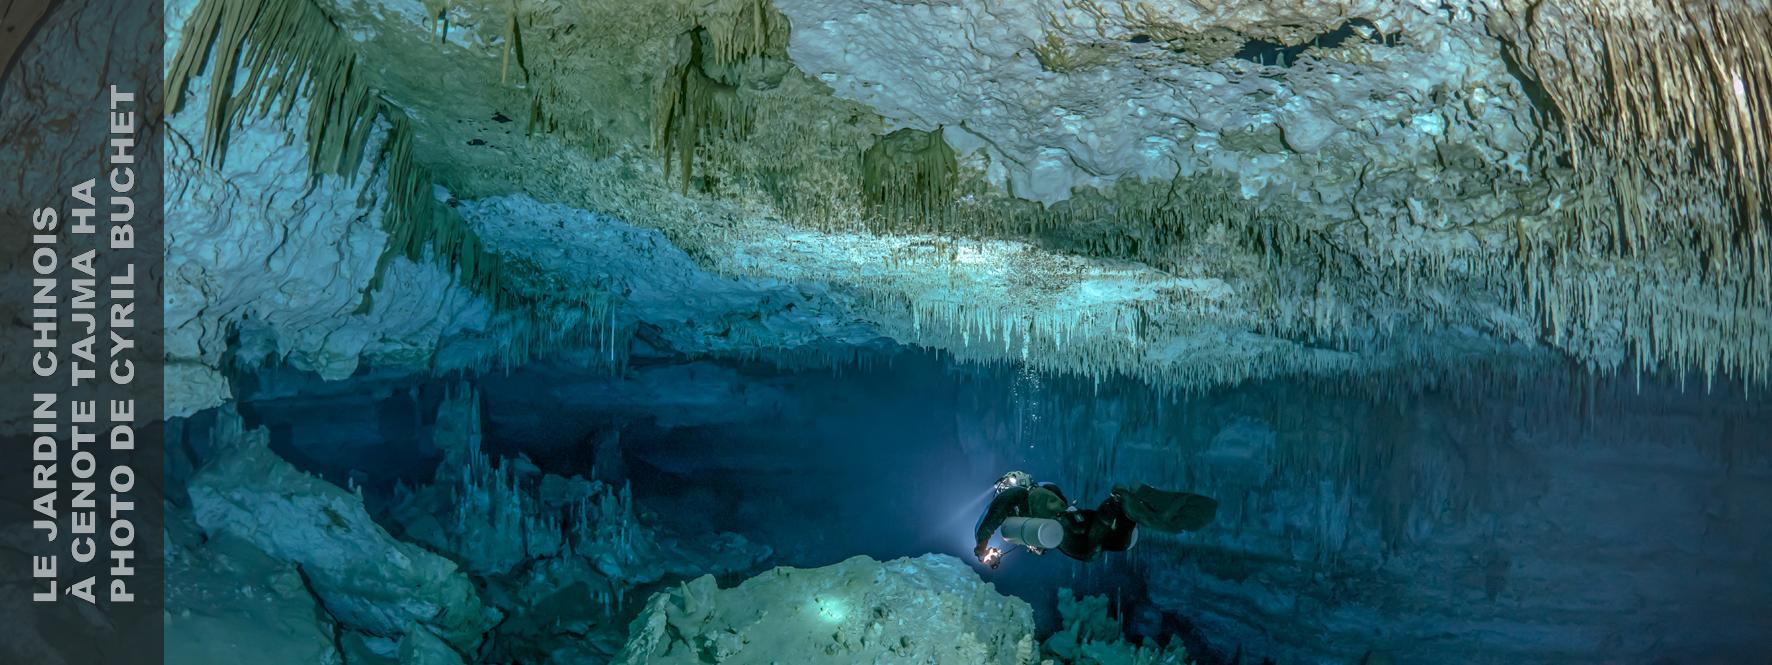 Cenote Tajma Ha, Cave de jardin chinois, Sous la jungle, Mexique Plongée en grotte, Mexique Plongée en plongée, Cyril Buchet Photographie